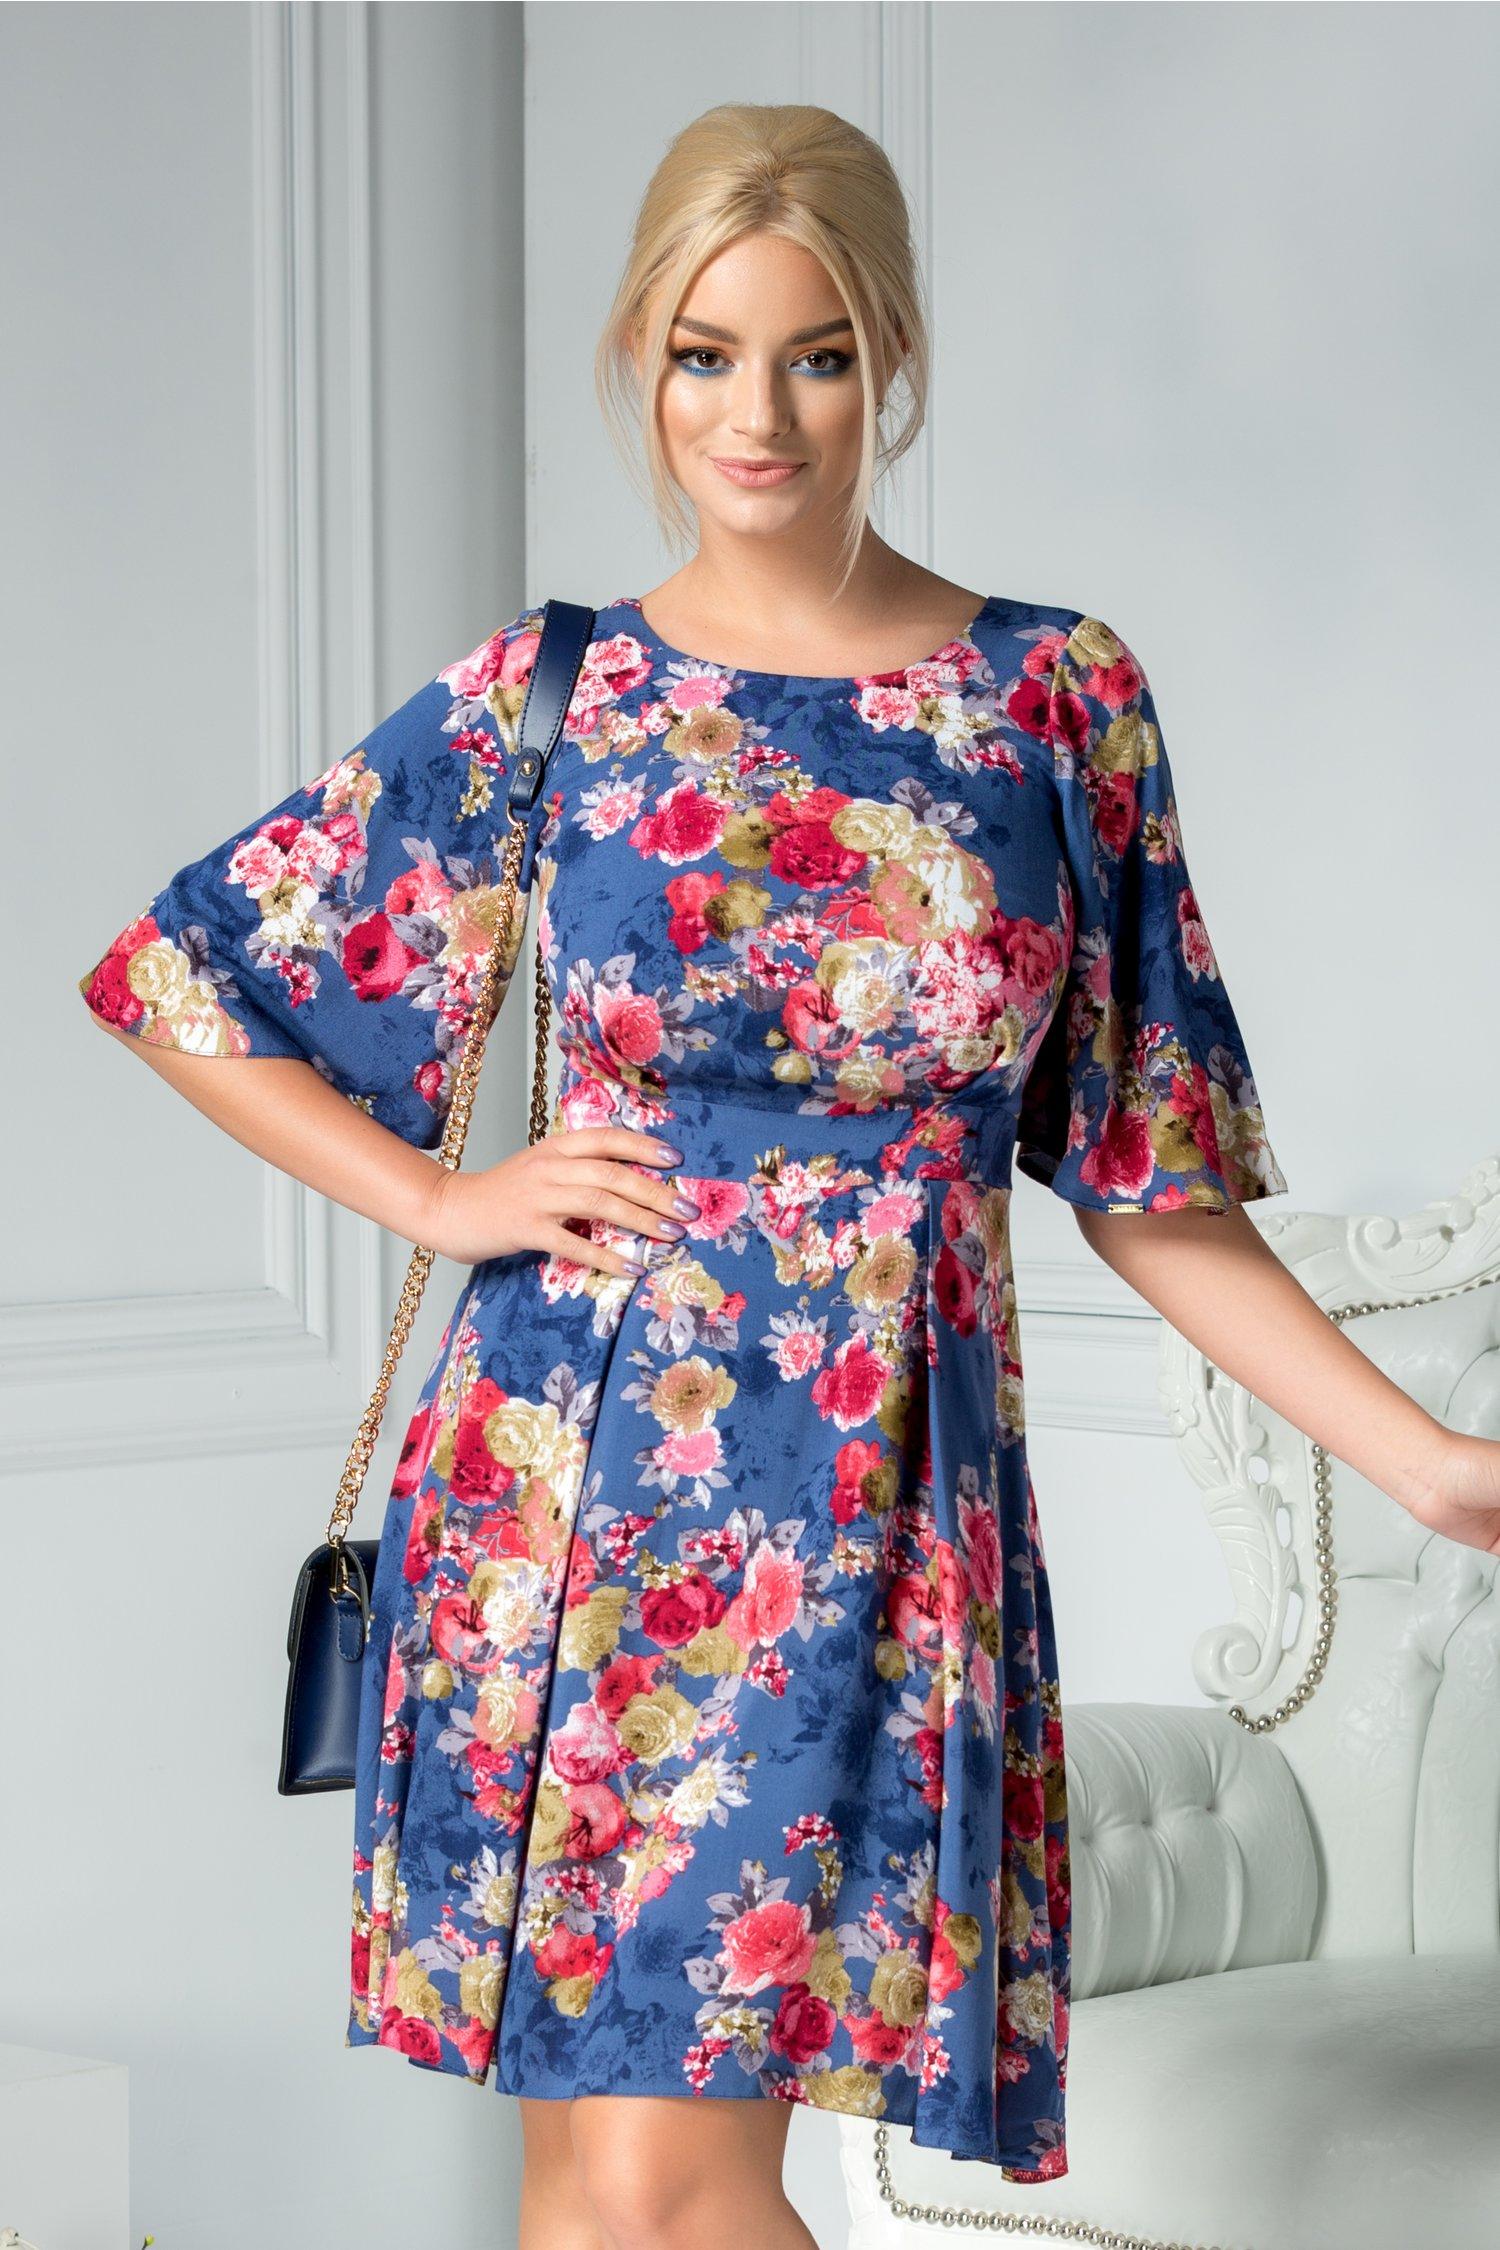 Rochie Moze Matilda albastru cu print floral rosu